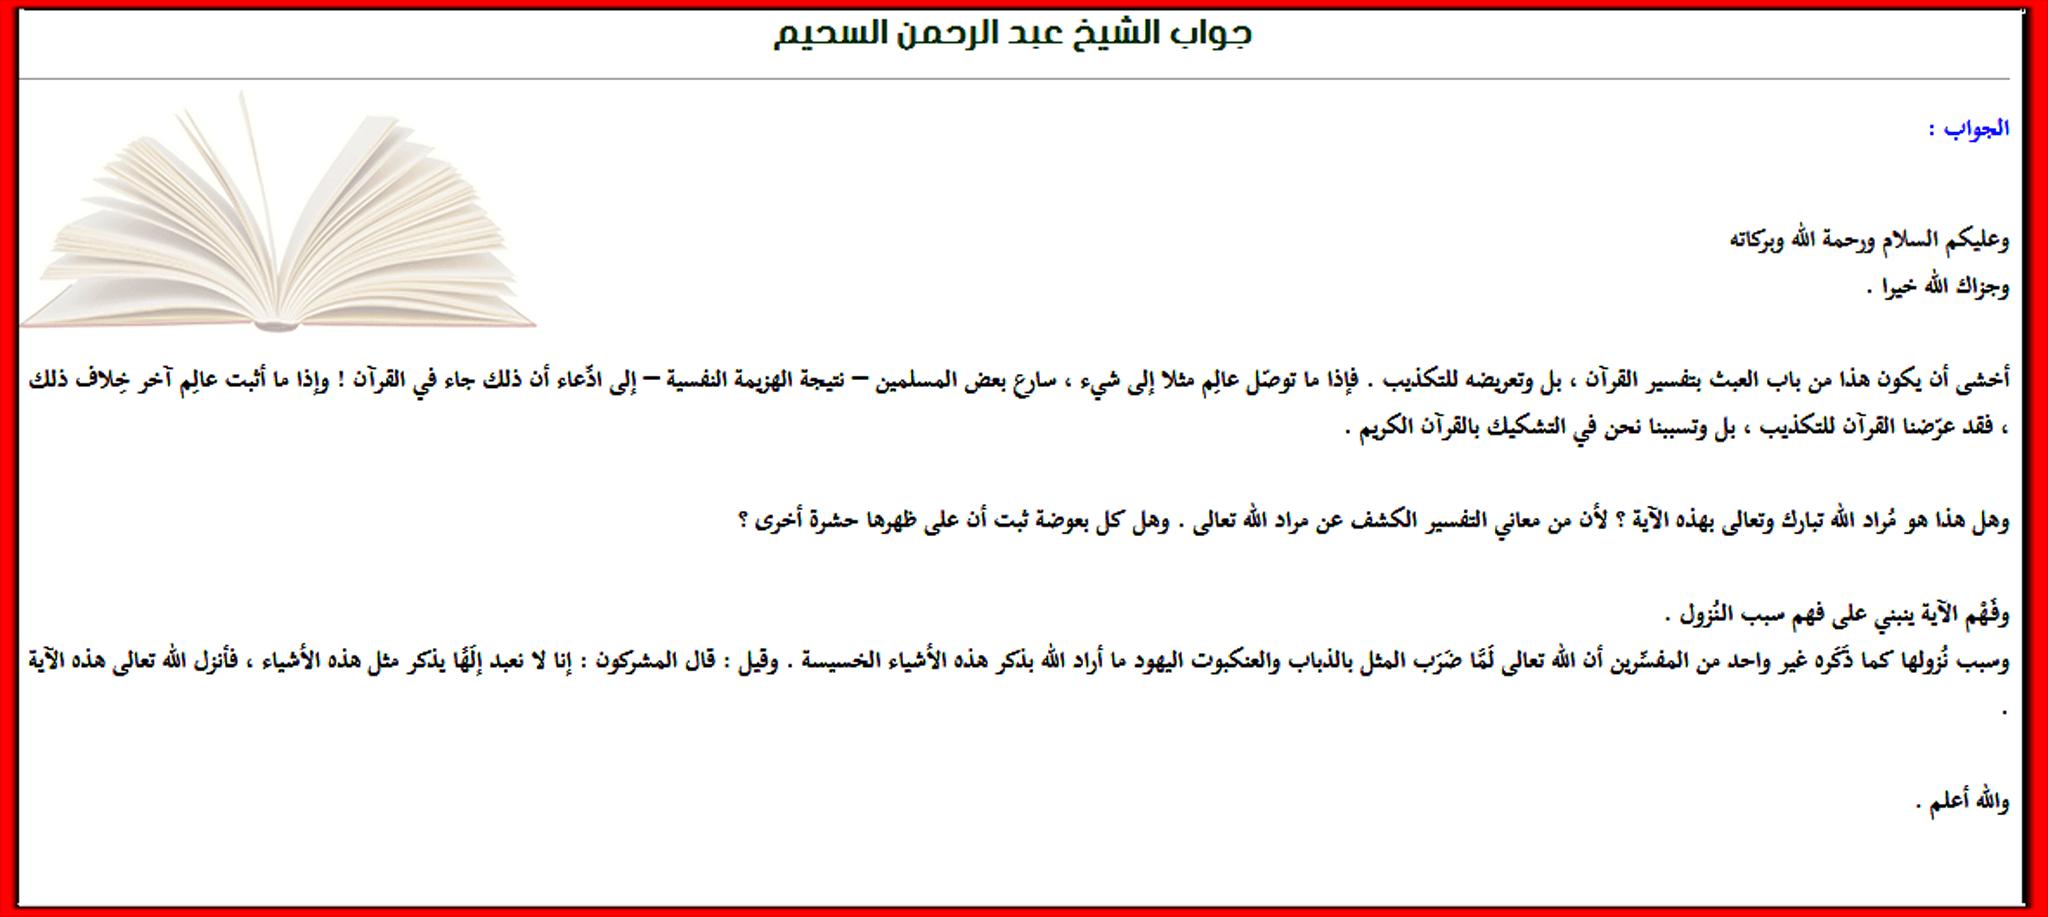 صورة من جواب الشيخ عبد الرحمن السحيم